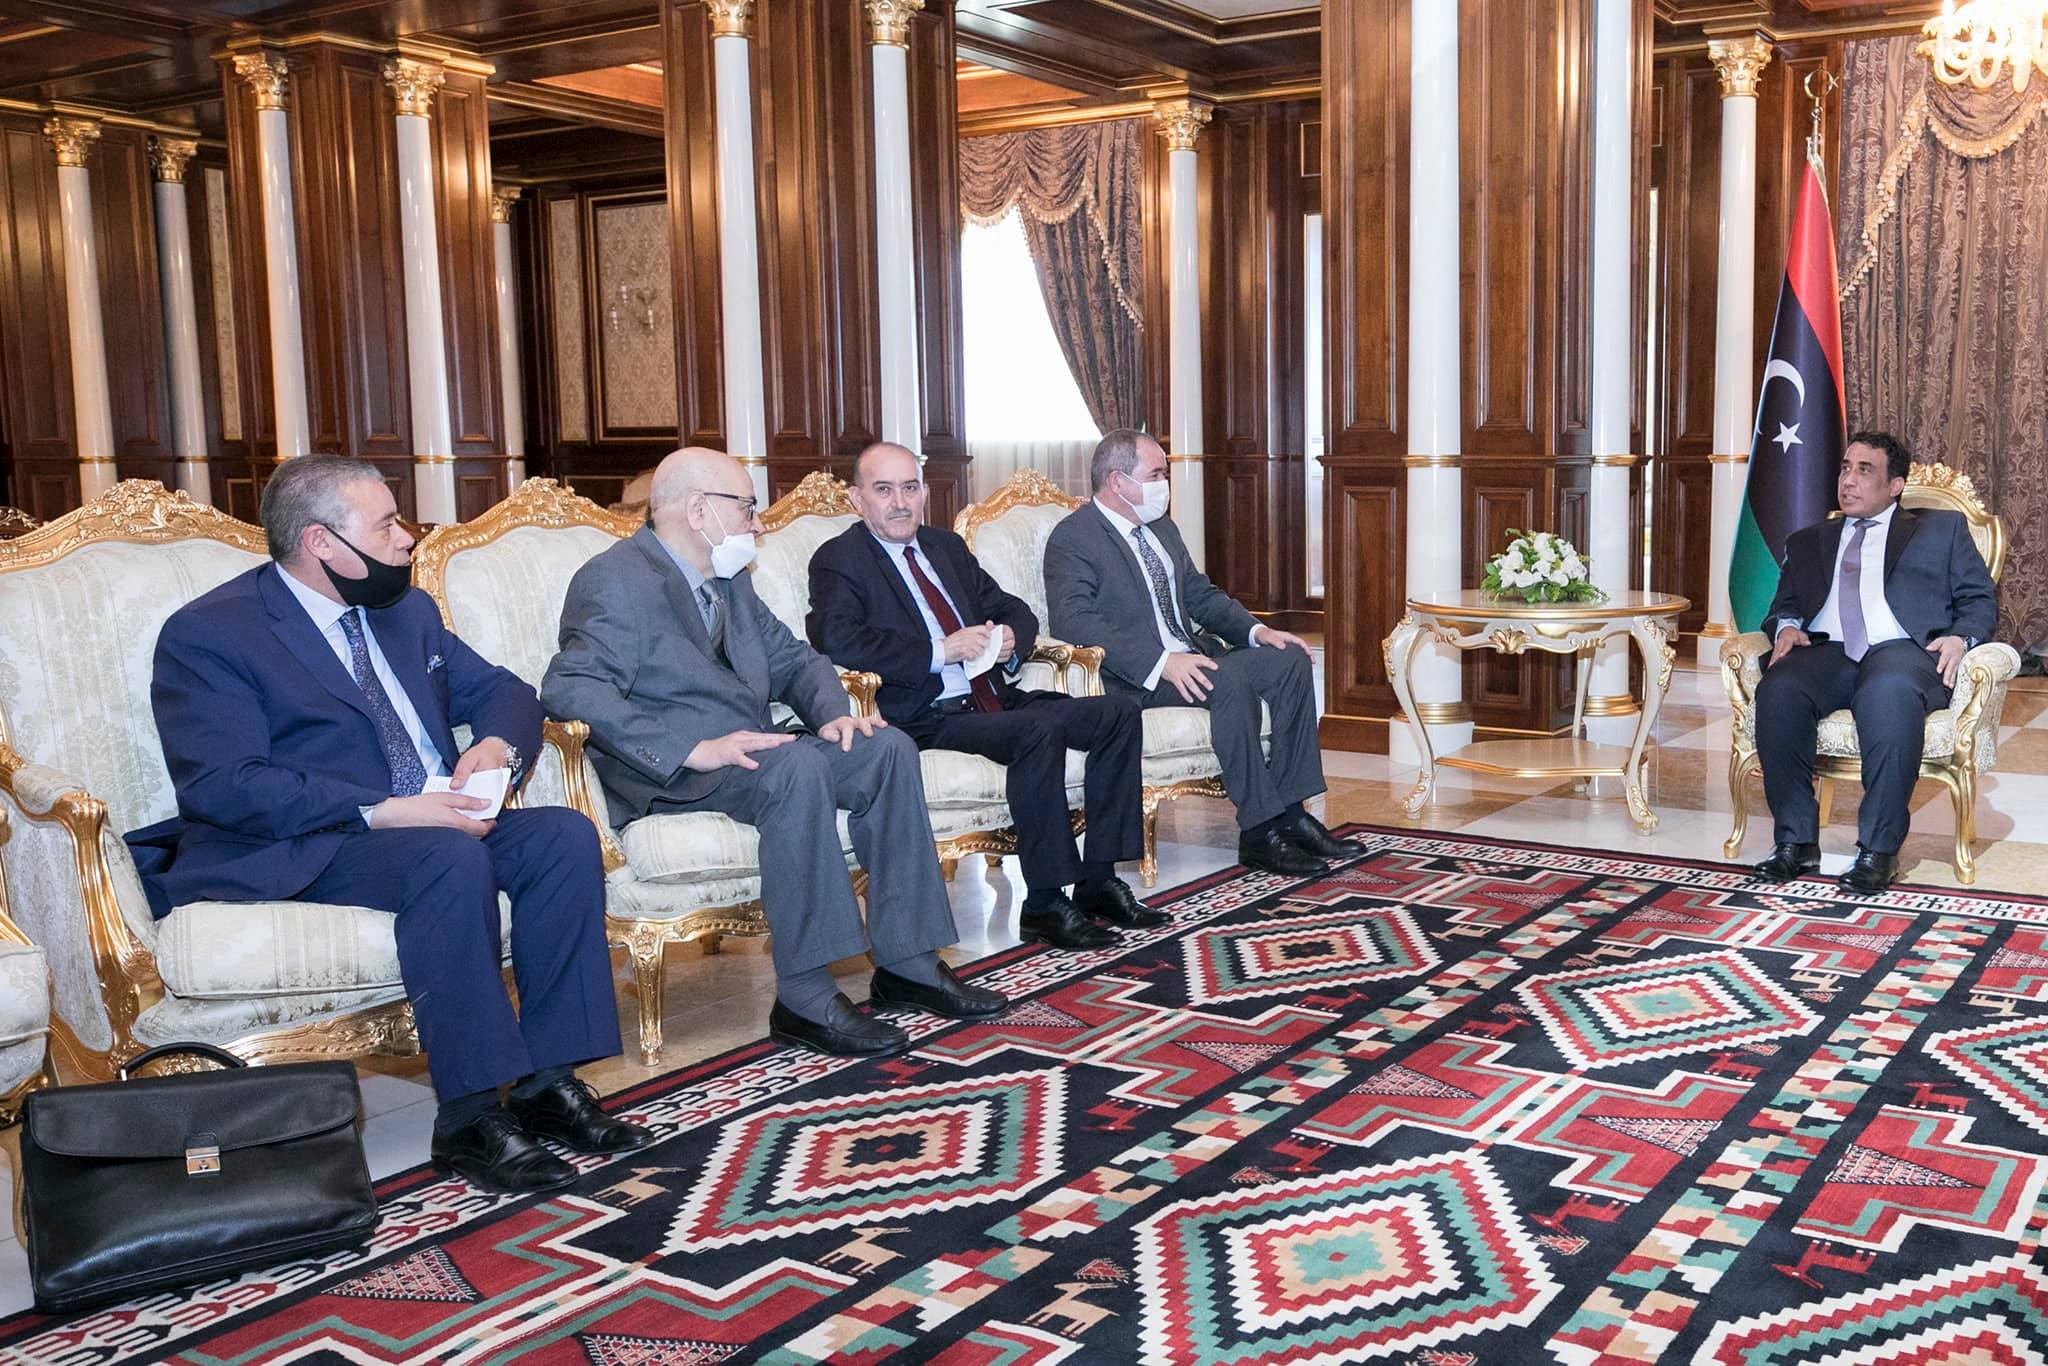 Le président du Conseil présidentiel libyen en visite prochainement en Algérie - Algérie